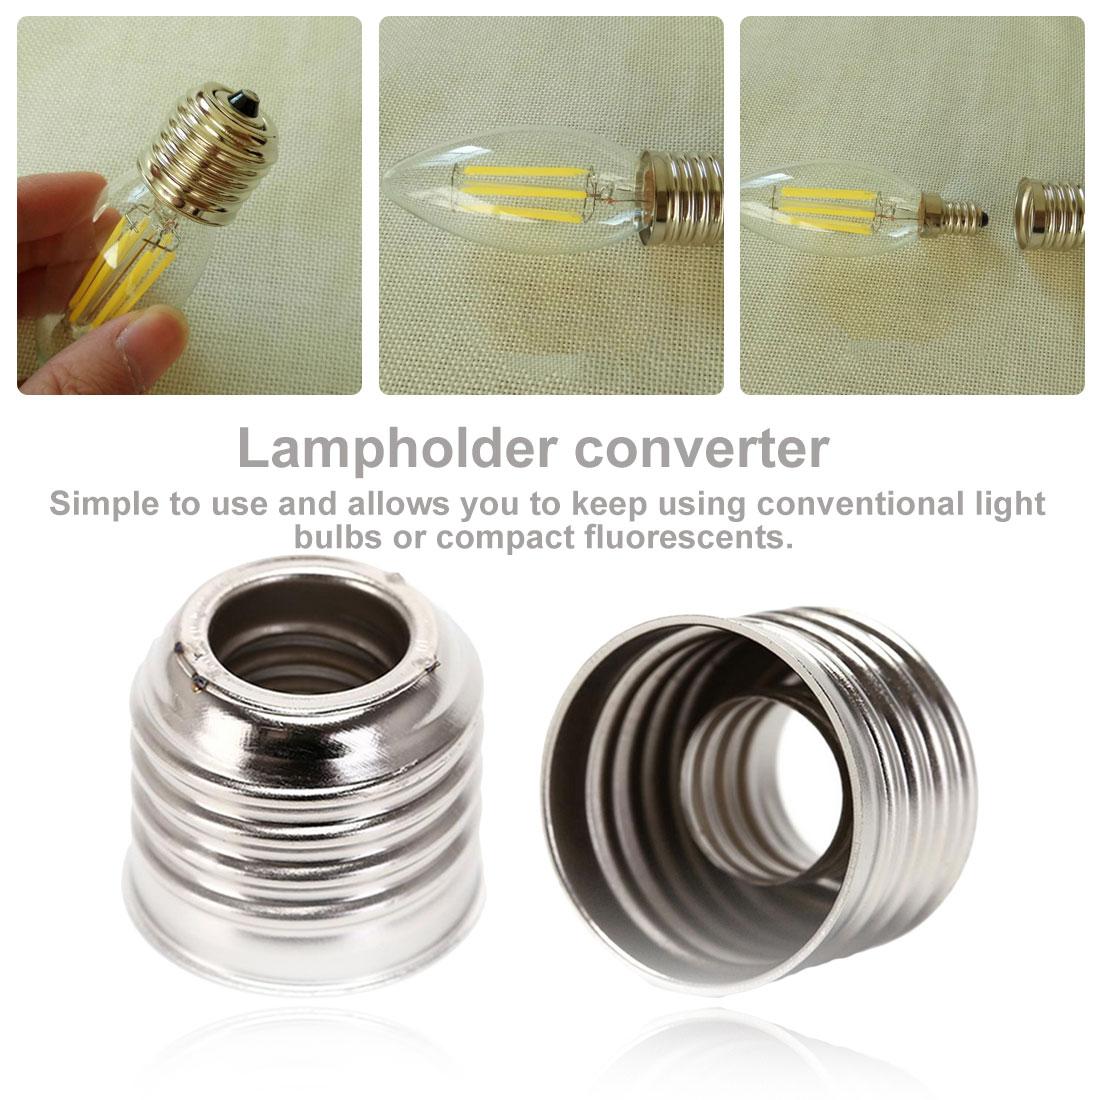 1 шт. E27 к E14 патрон лампы конвертер гнездо лампы держатель лампы адаптер удлинитель светодиодного светильника